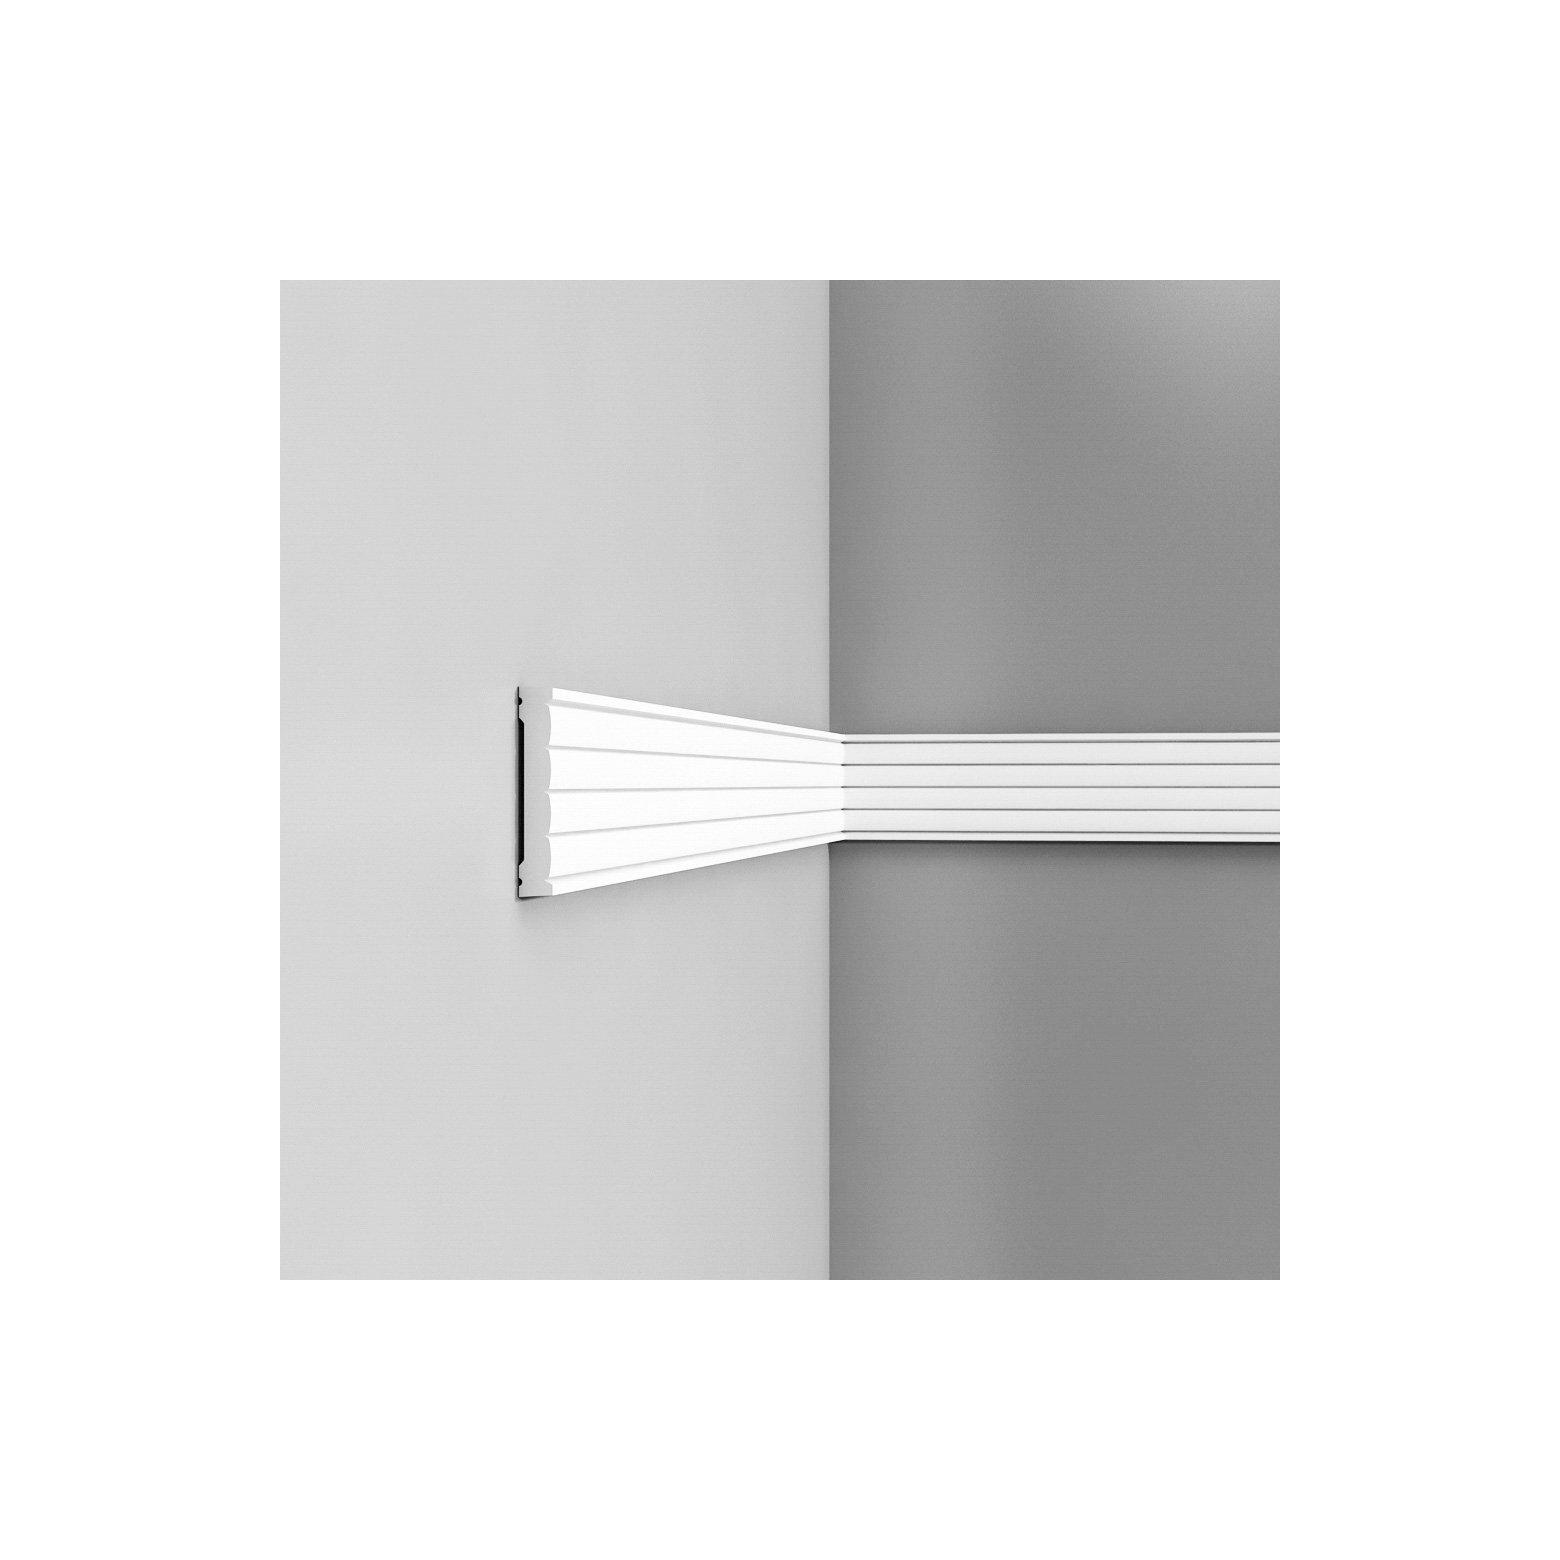 Listwa ścienna gładka gięta ODP5020F (wym.200x1.3x9.1cm)